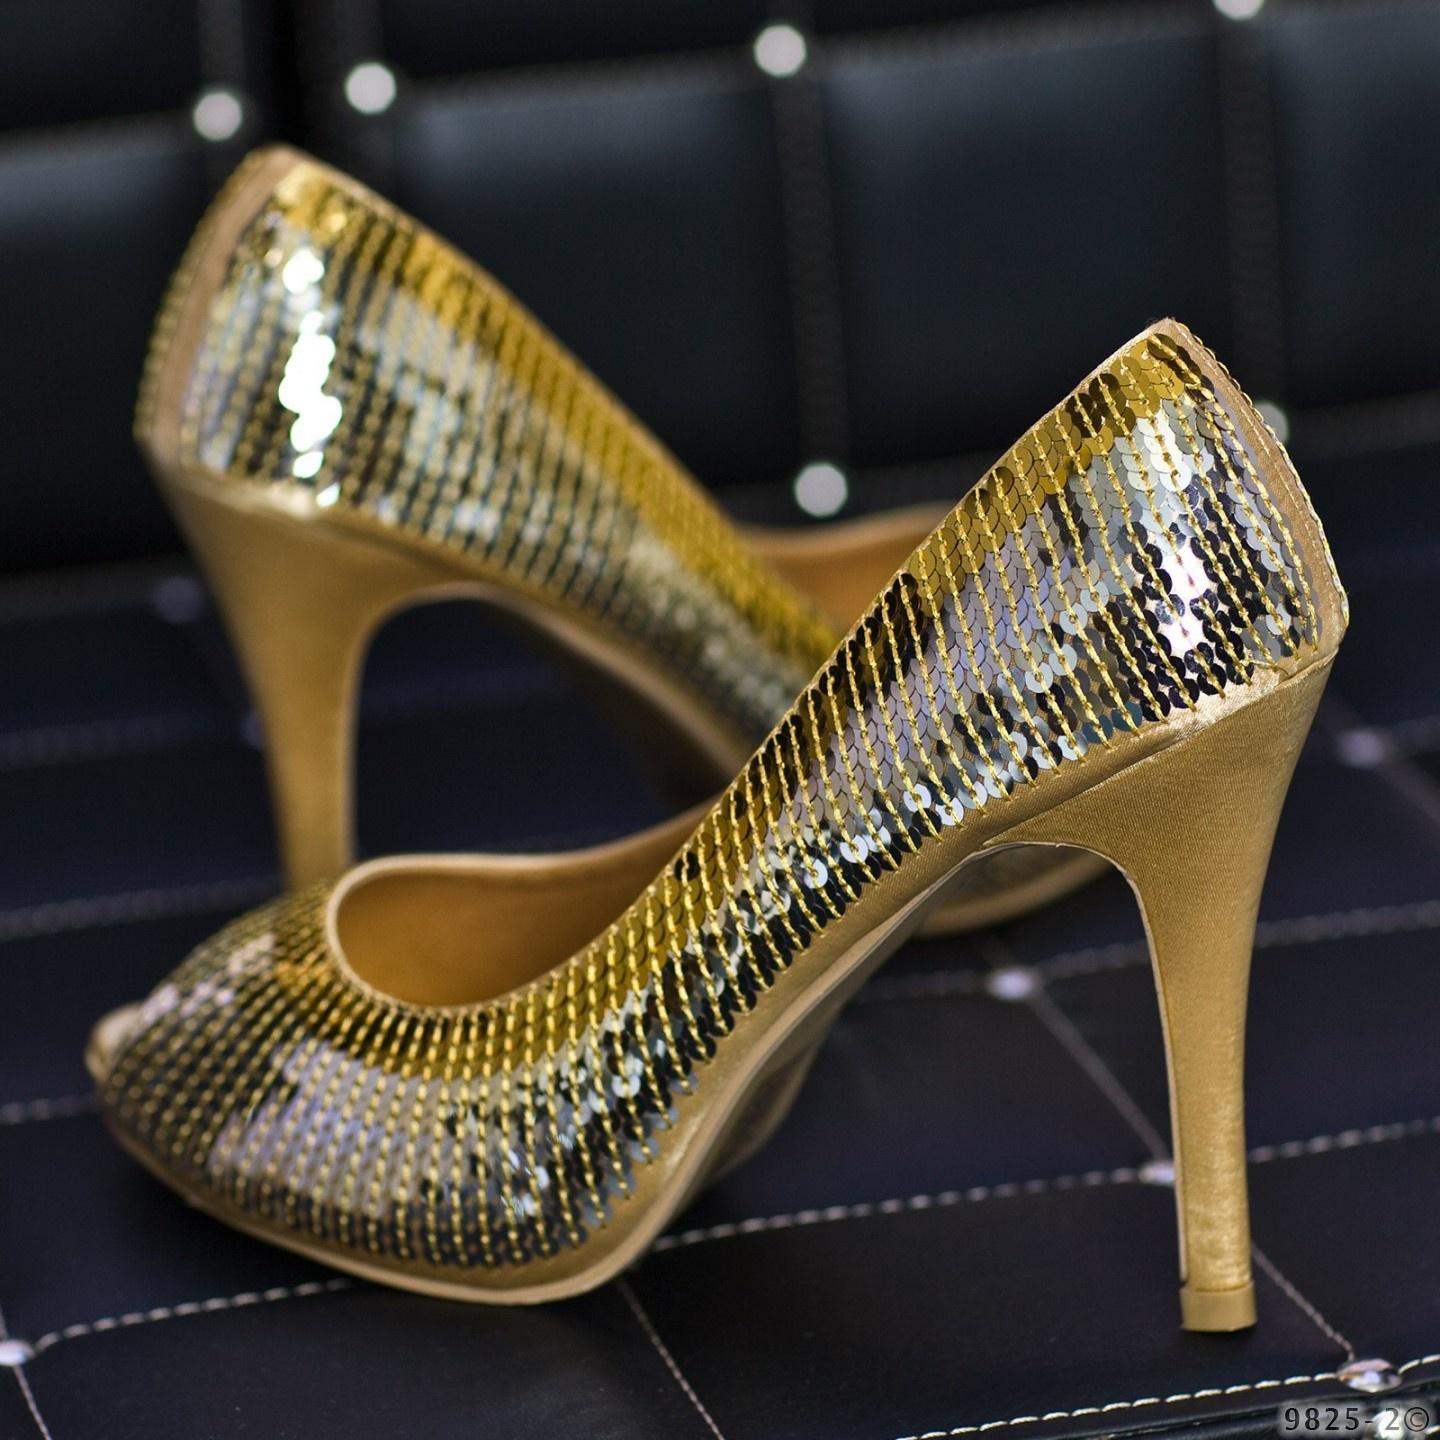 Schoenen Goud